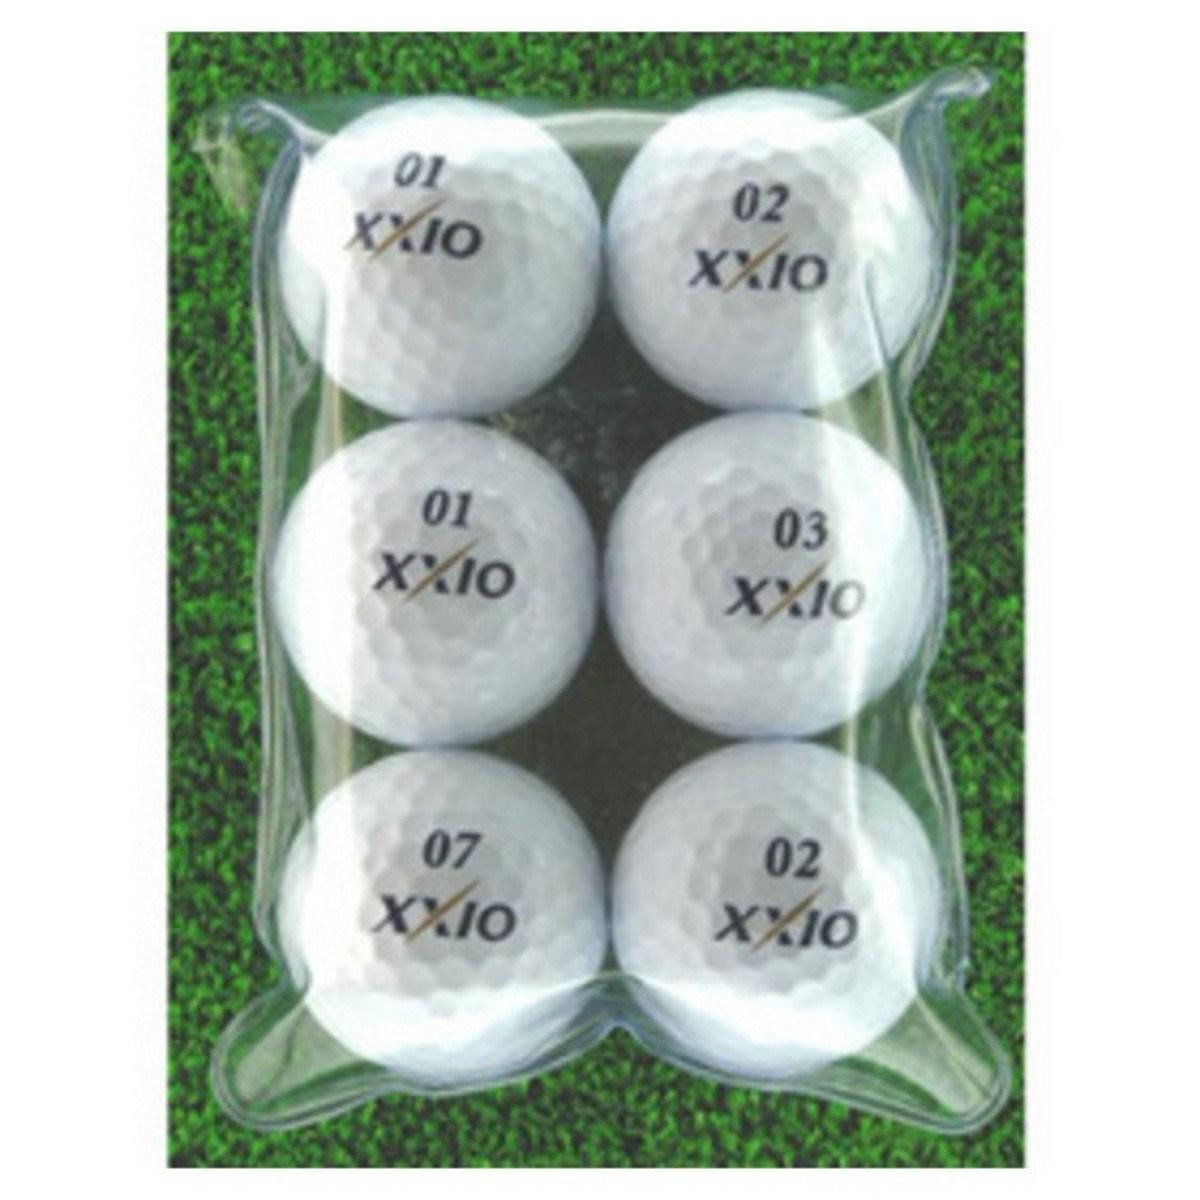 ロストボール メイホウゴルフ ロストボール ゼクシオXD 6個入り2パック12個セット